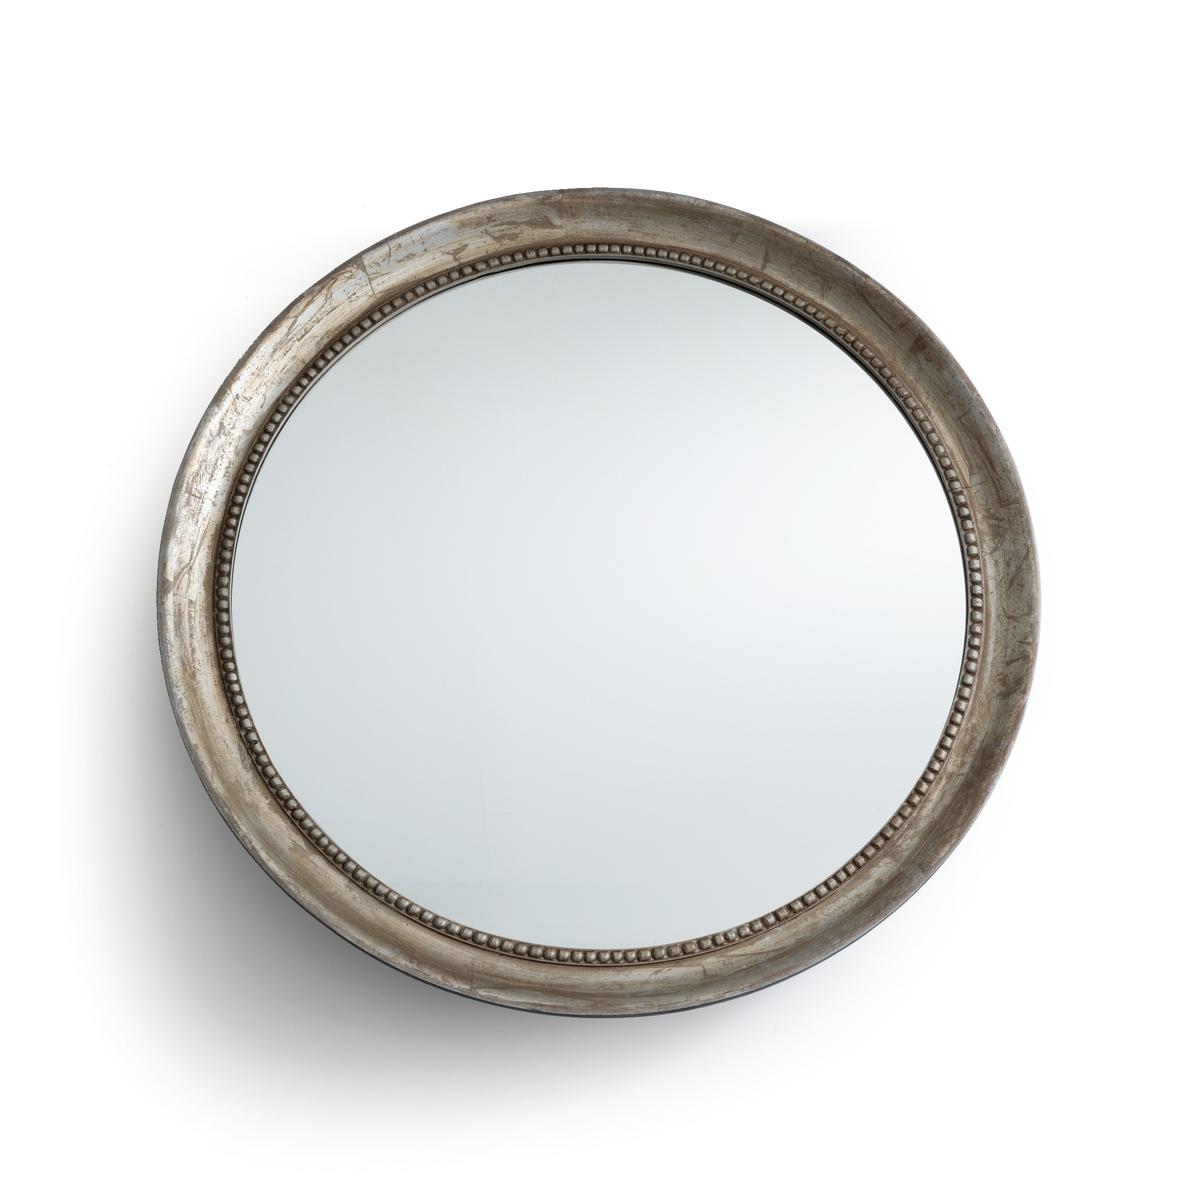 Зеркало LaRedoute Круглое 100 см AFSAN единый размер золотистый